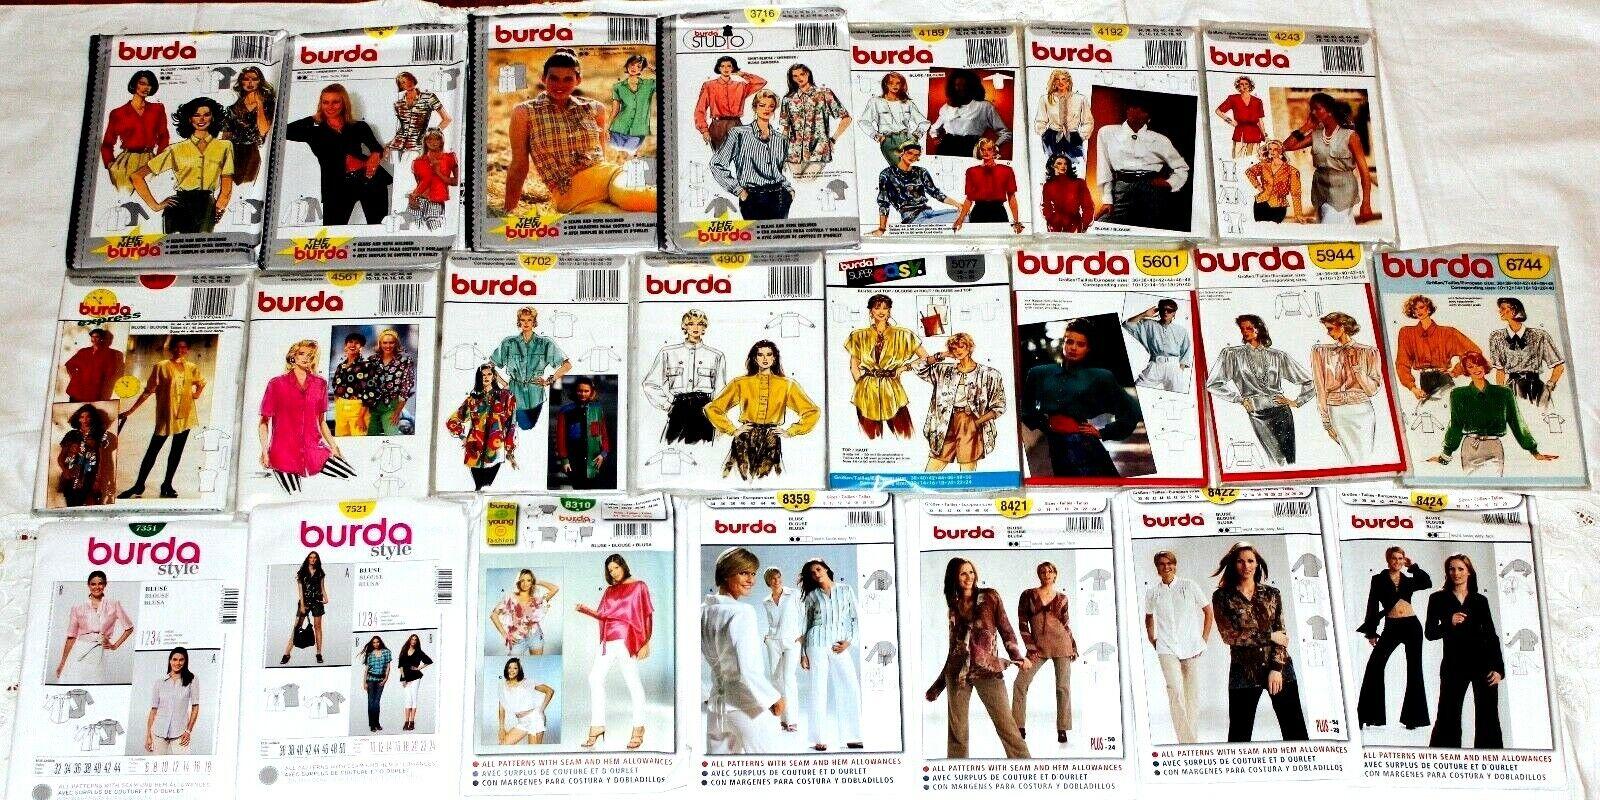 Burda Sew Pattern 7849 Misses Jacket Skirt Vests Sz 8 20 Uc Ff For Sale Online Ebay 6 / 17 / 20. ebay